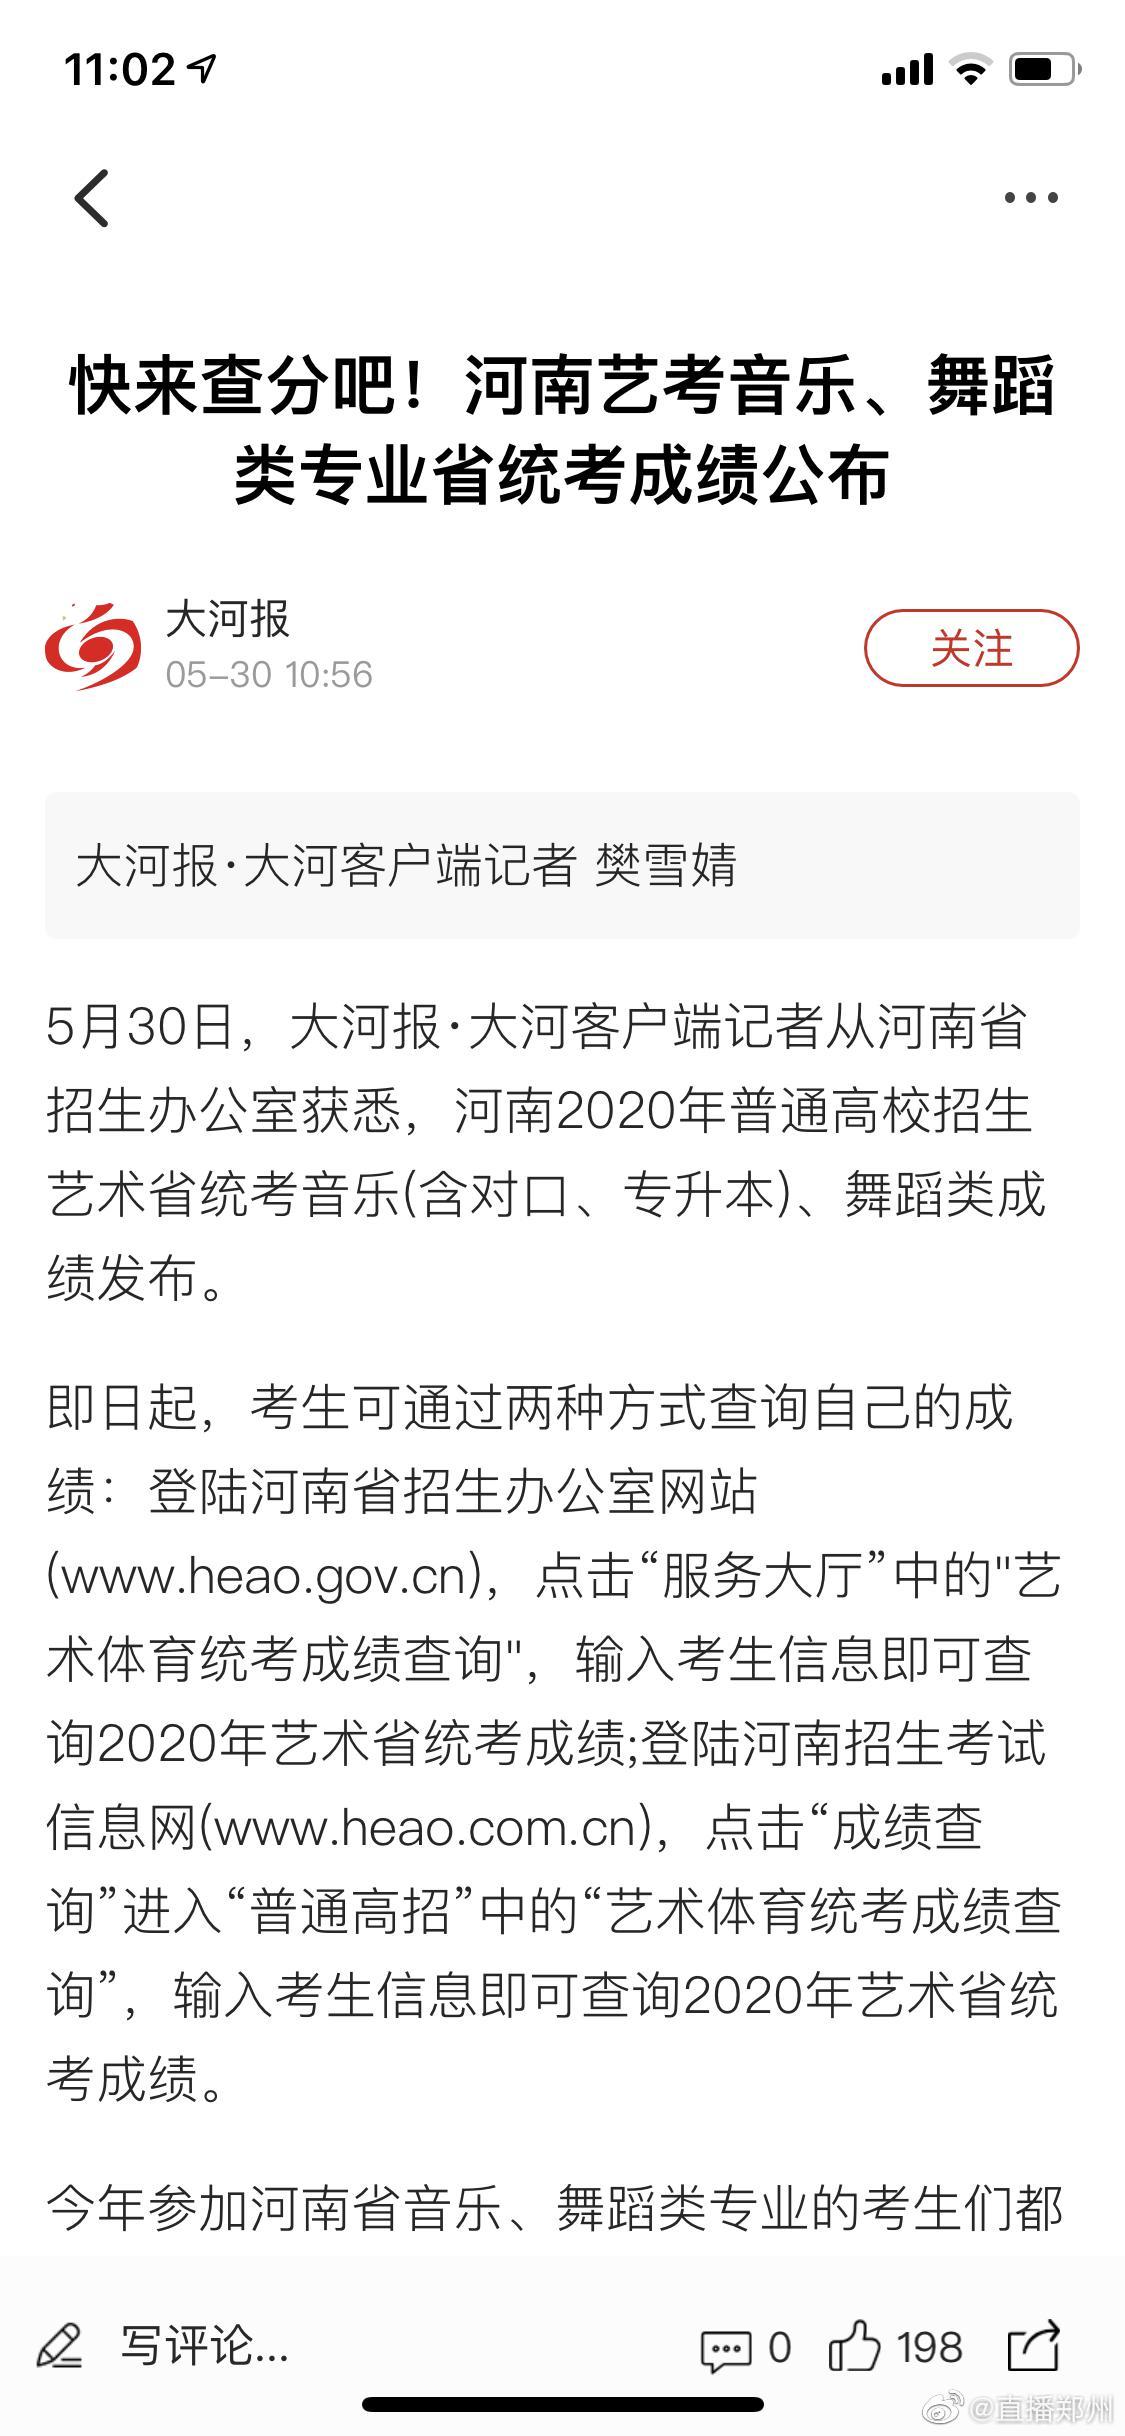 郑州 河南艺考音乐、舞蹈类专业省统考成绩公布